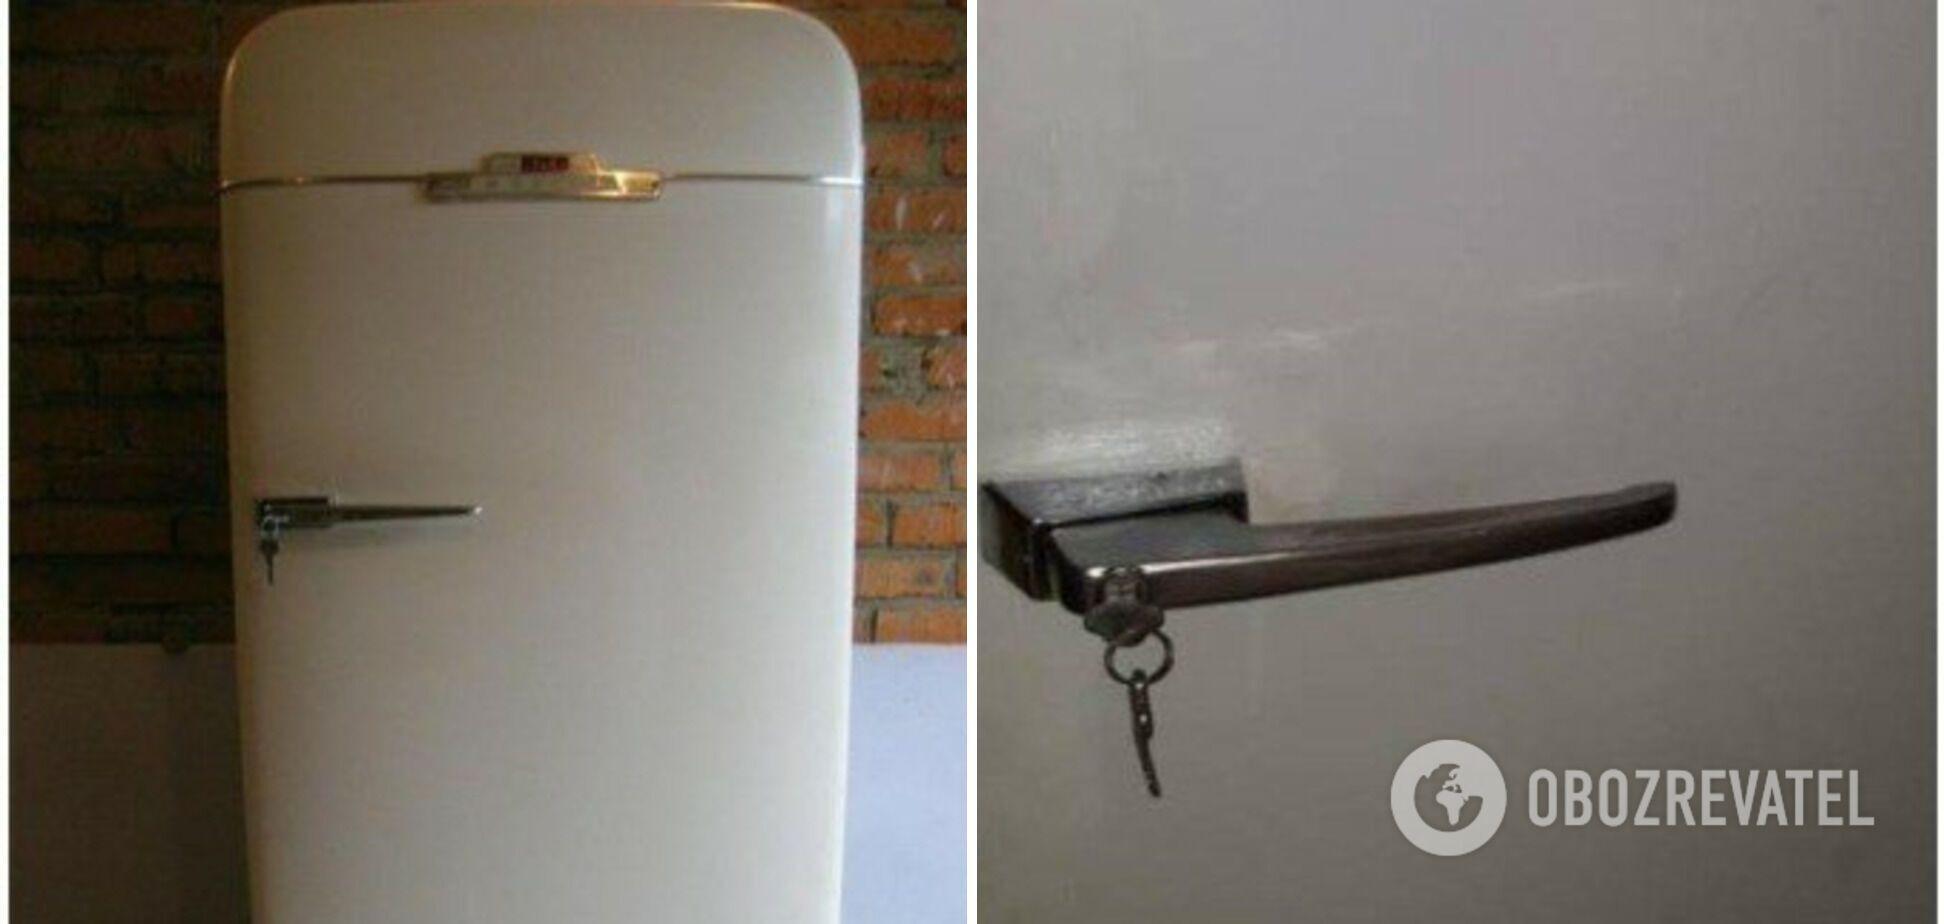 Холодильники в СССР делали с замком в ручке